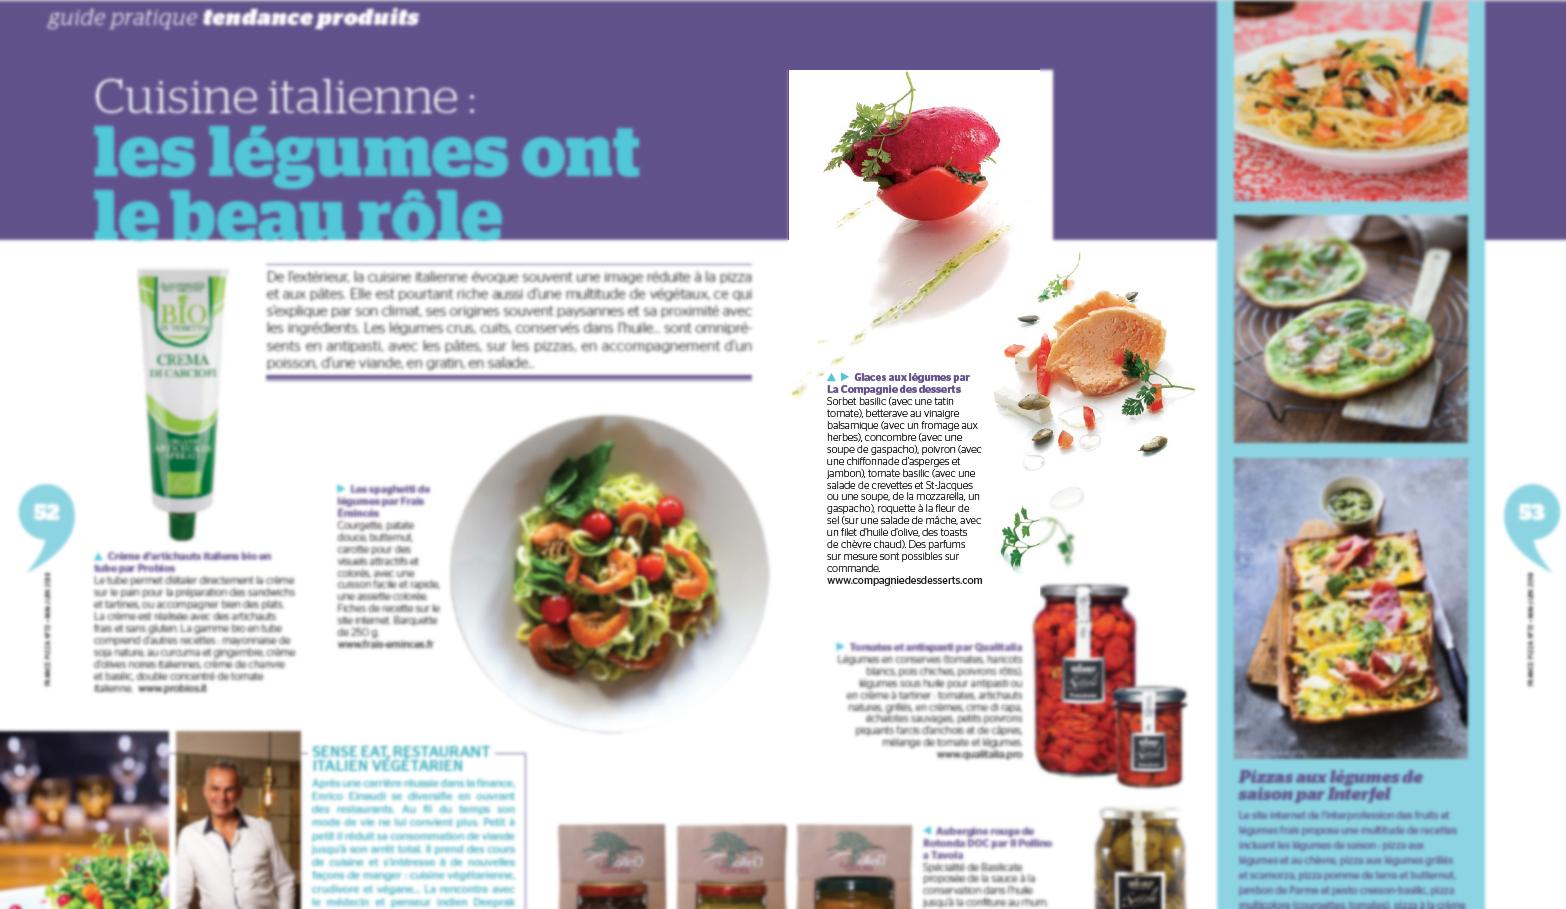 Glaces aux légumes par La Compagnie des desserts